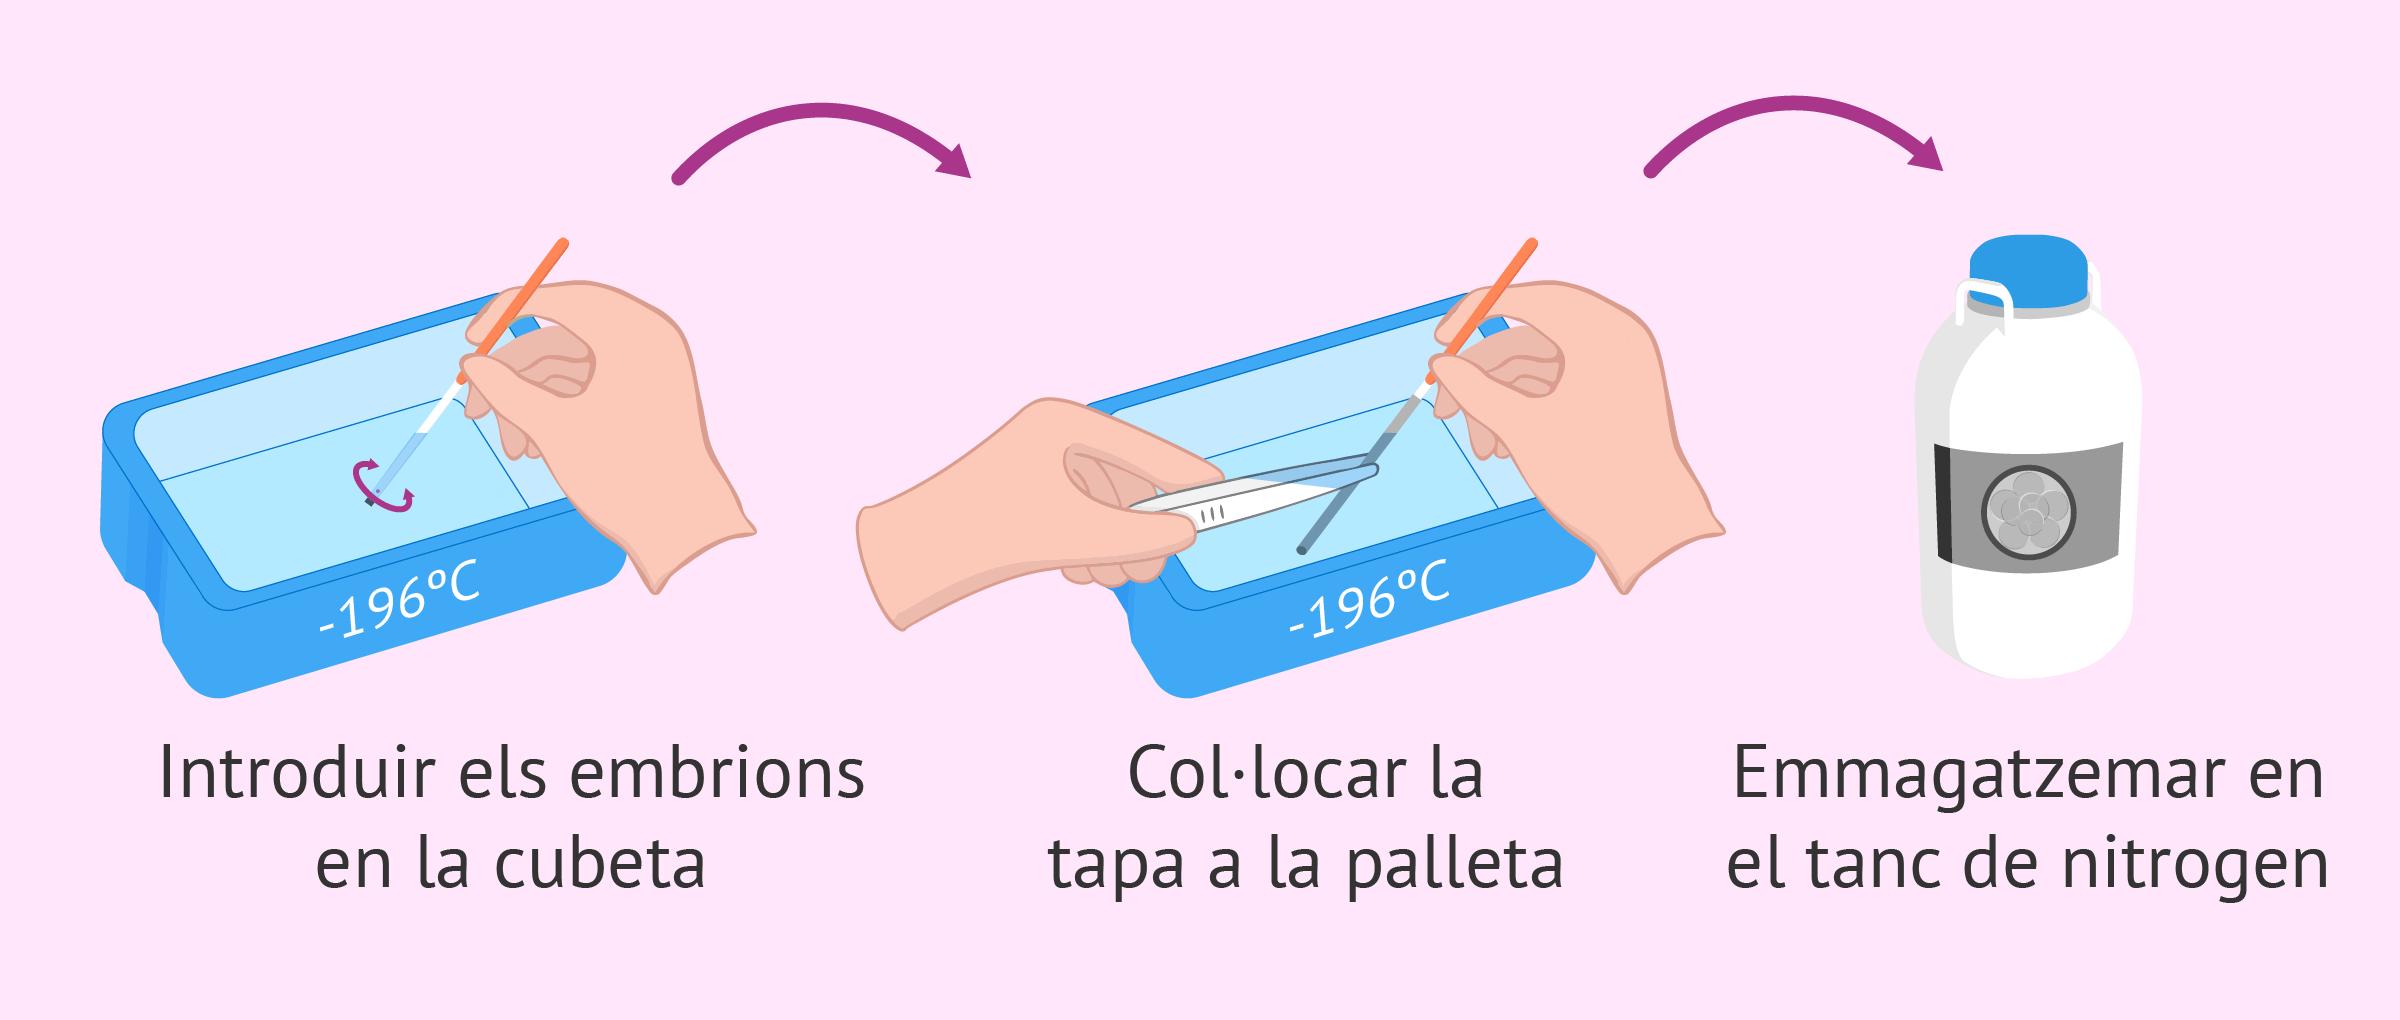 Vitrificació dels embrions a -196 °C